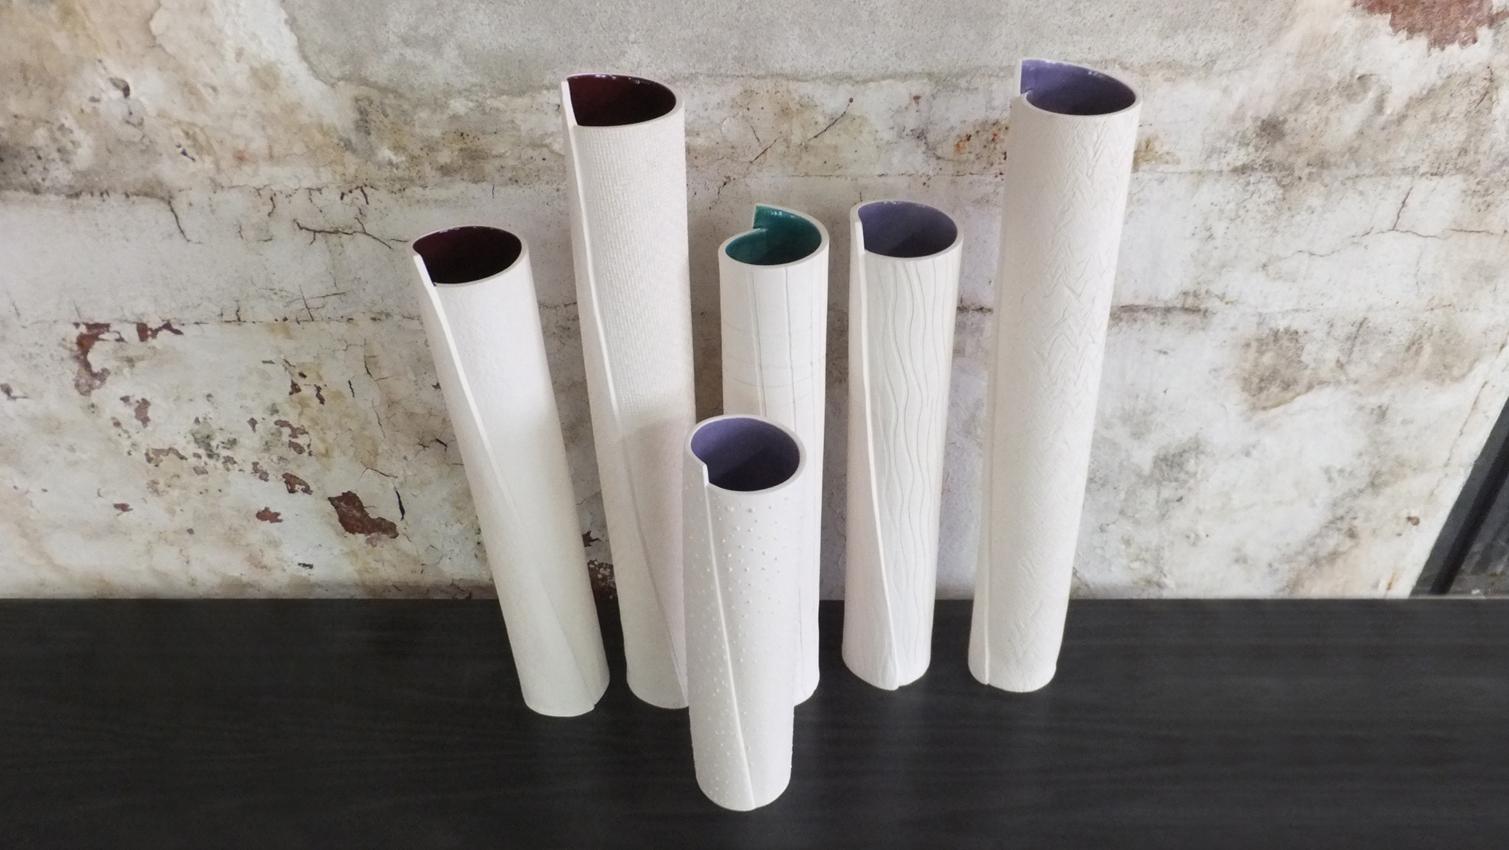 06_vasi ceramica 013_Silvia Fanticelli